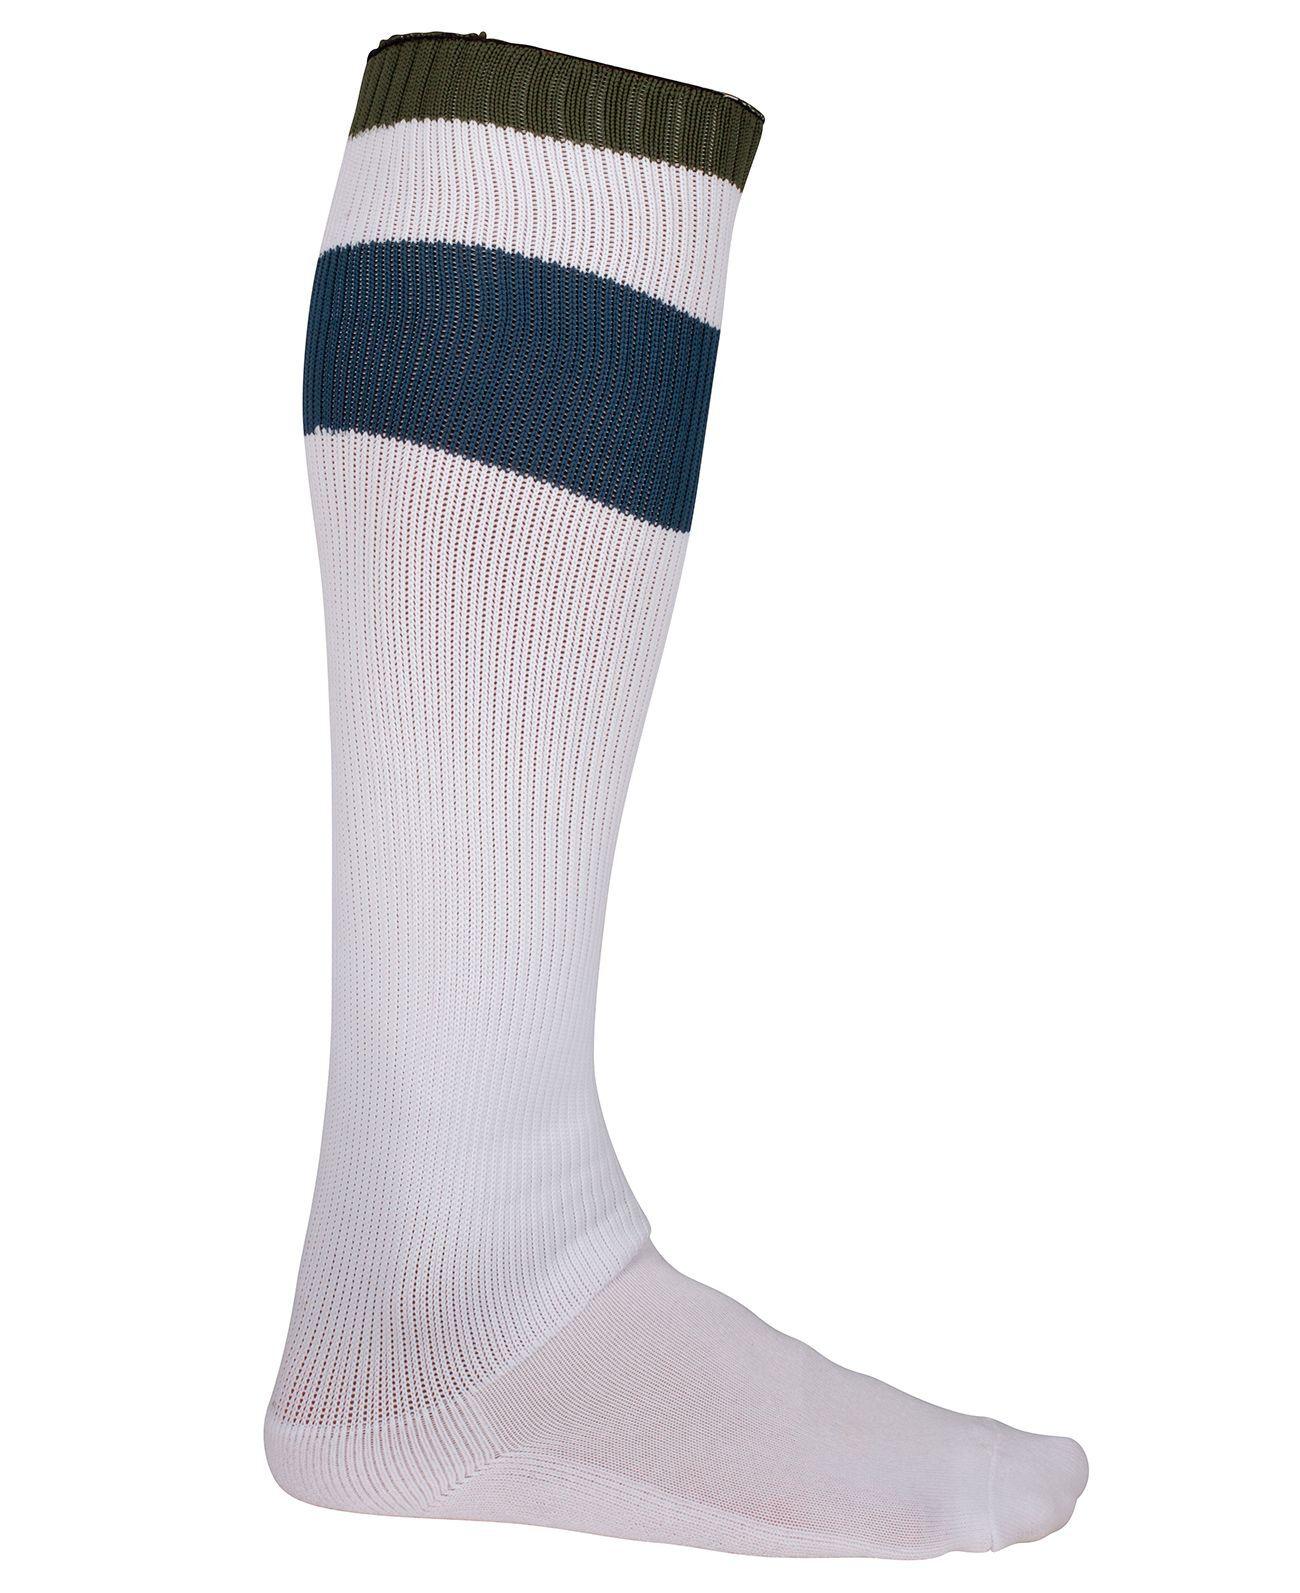 Amundsen Roamer - Sokker - Hvit/Marineblå - S